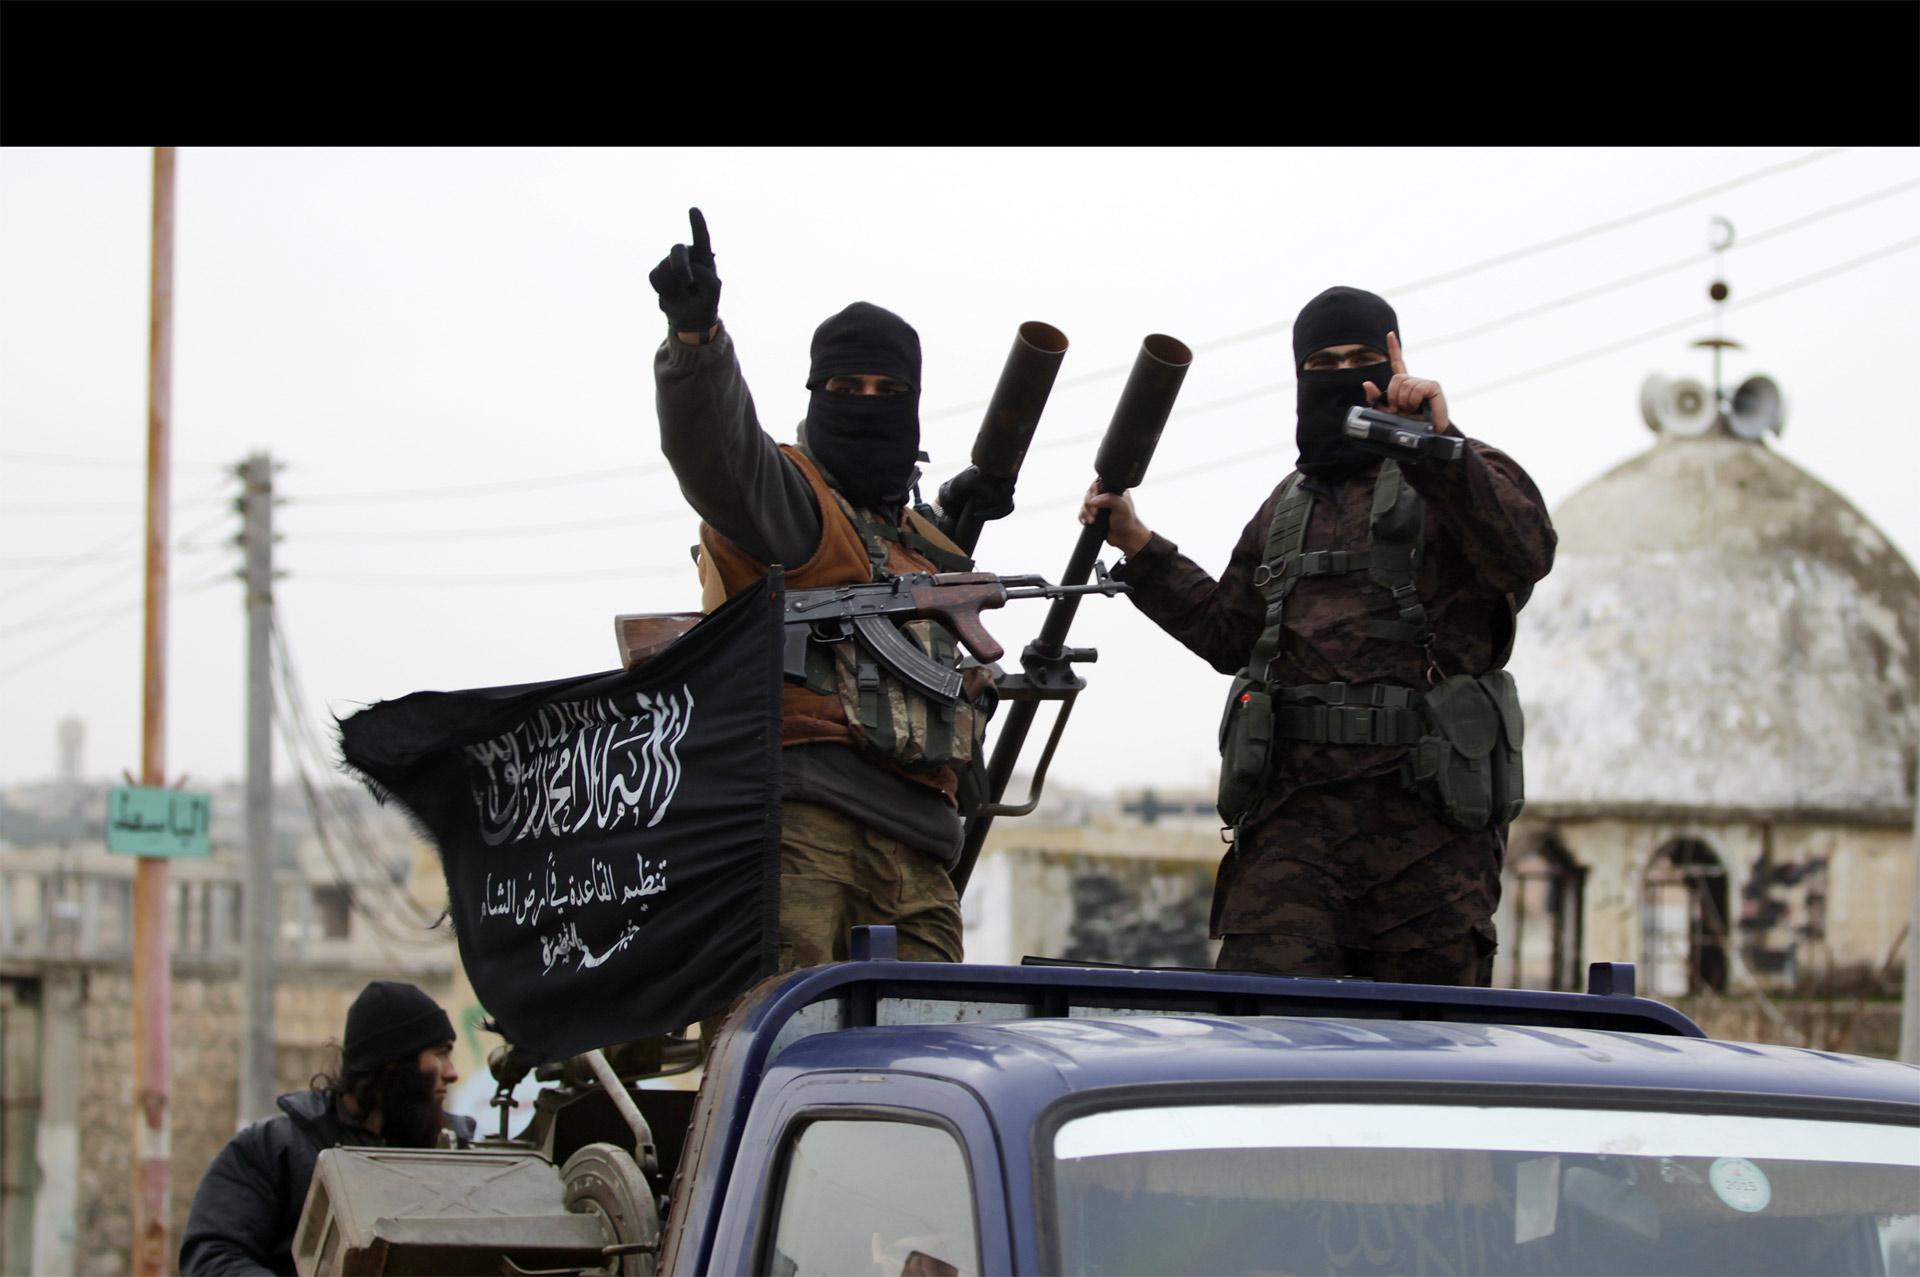 Ocurrió en el pueblo de Arsal y el objetivo era una reunión de clérigos islámicos